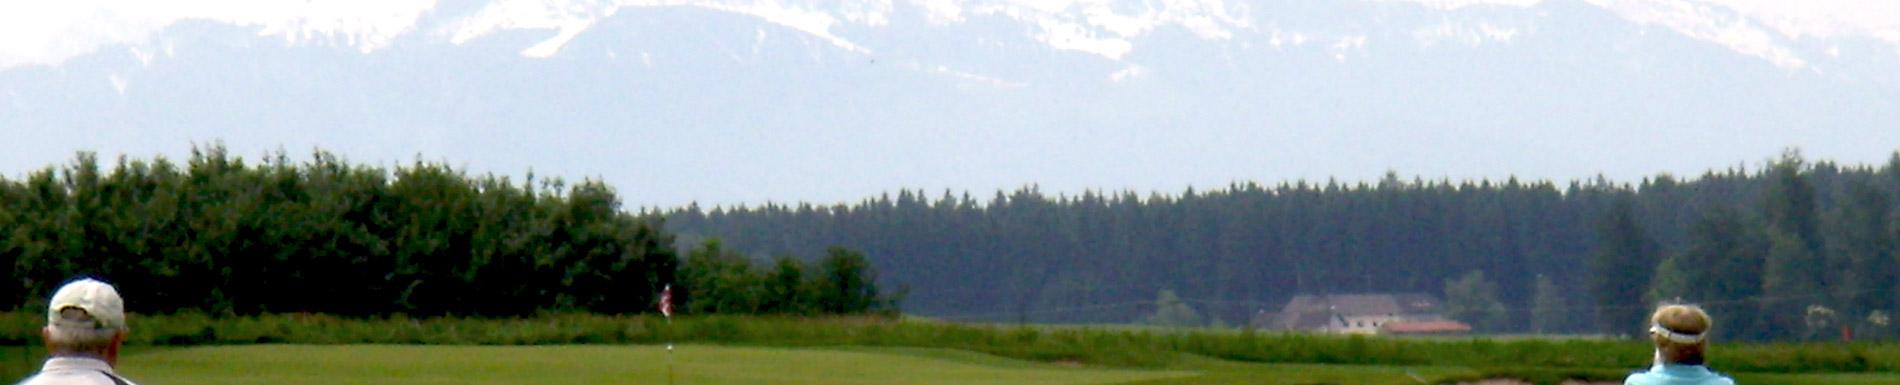 Golfclub Obing